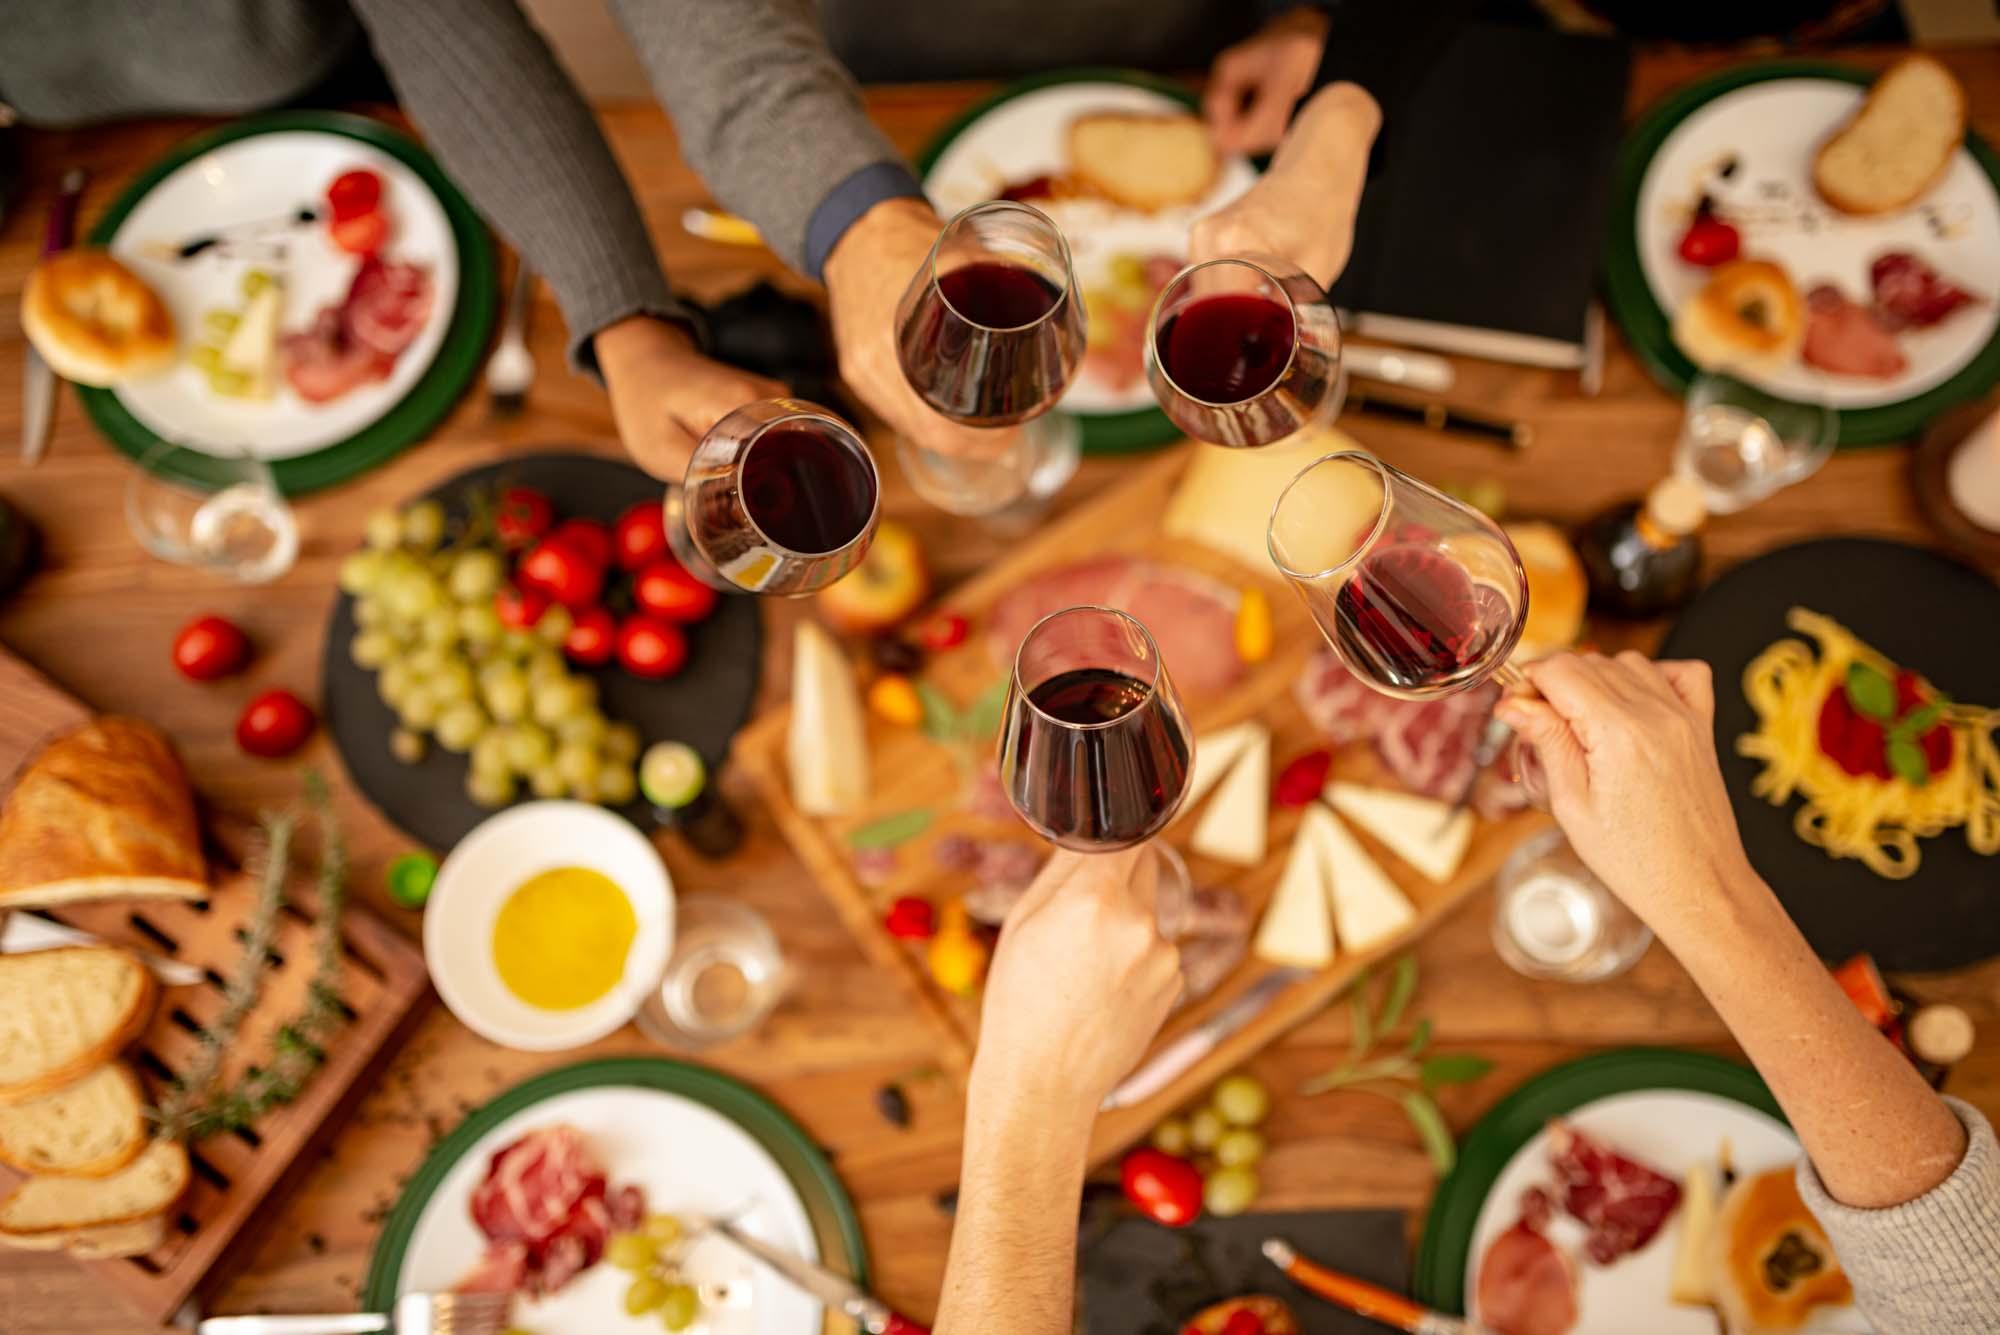 Cucina Amatoriale Formazione Manageriale a Firenze